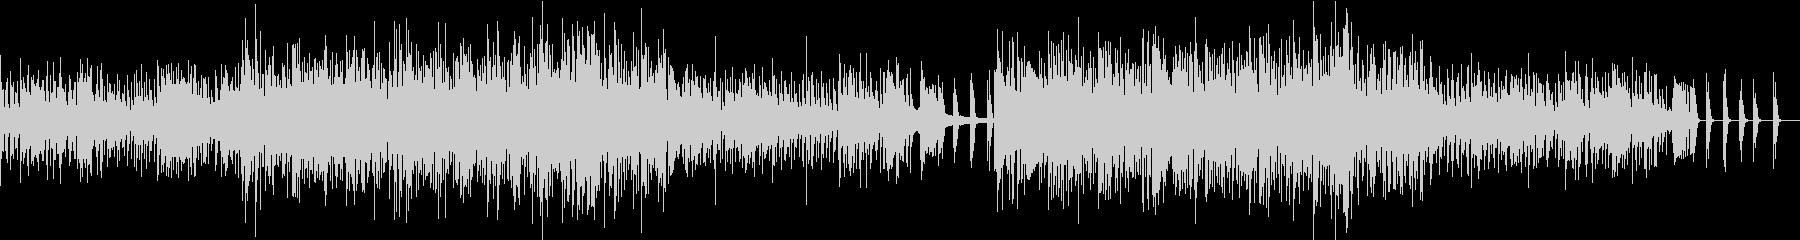 ゲーム向けアンダーグラウンド系BGMの未再生の波形